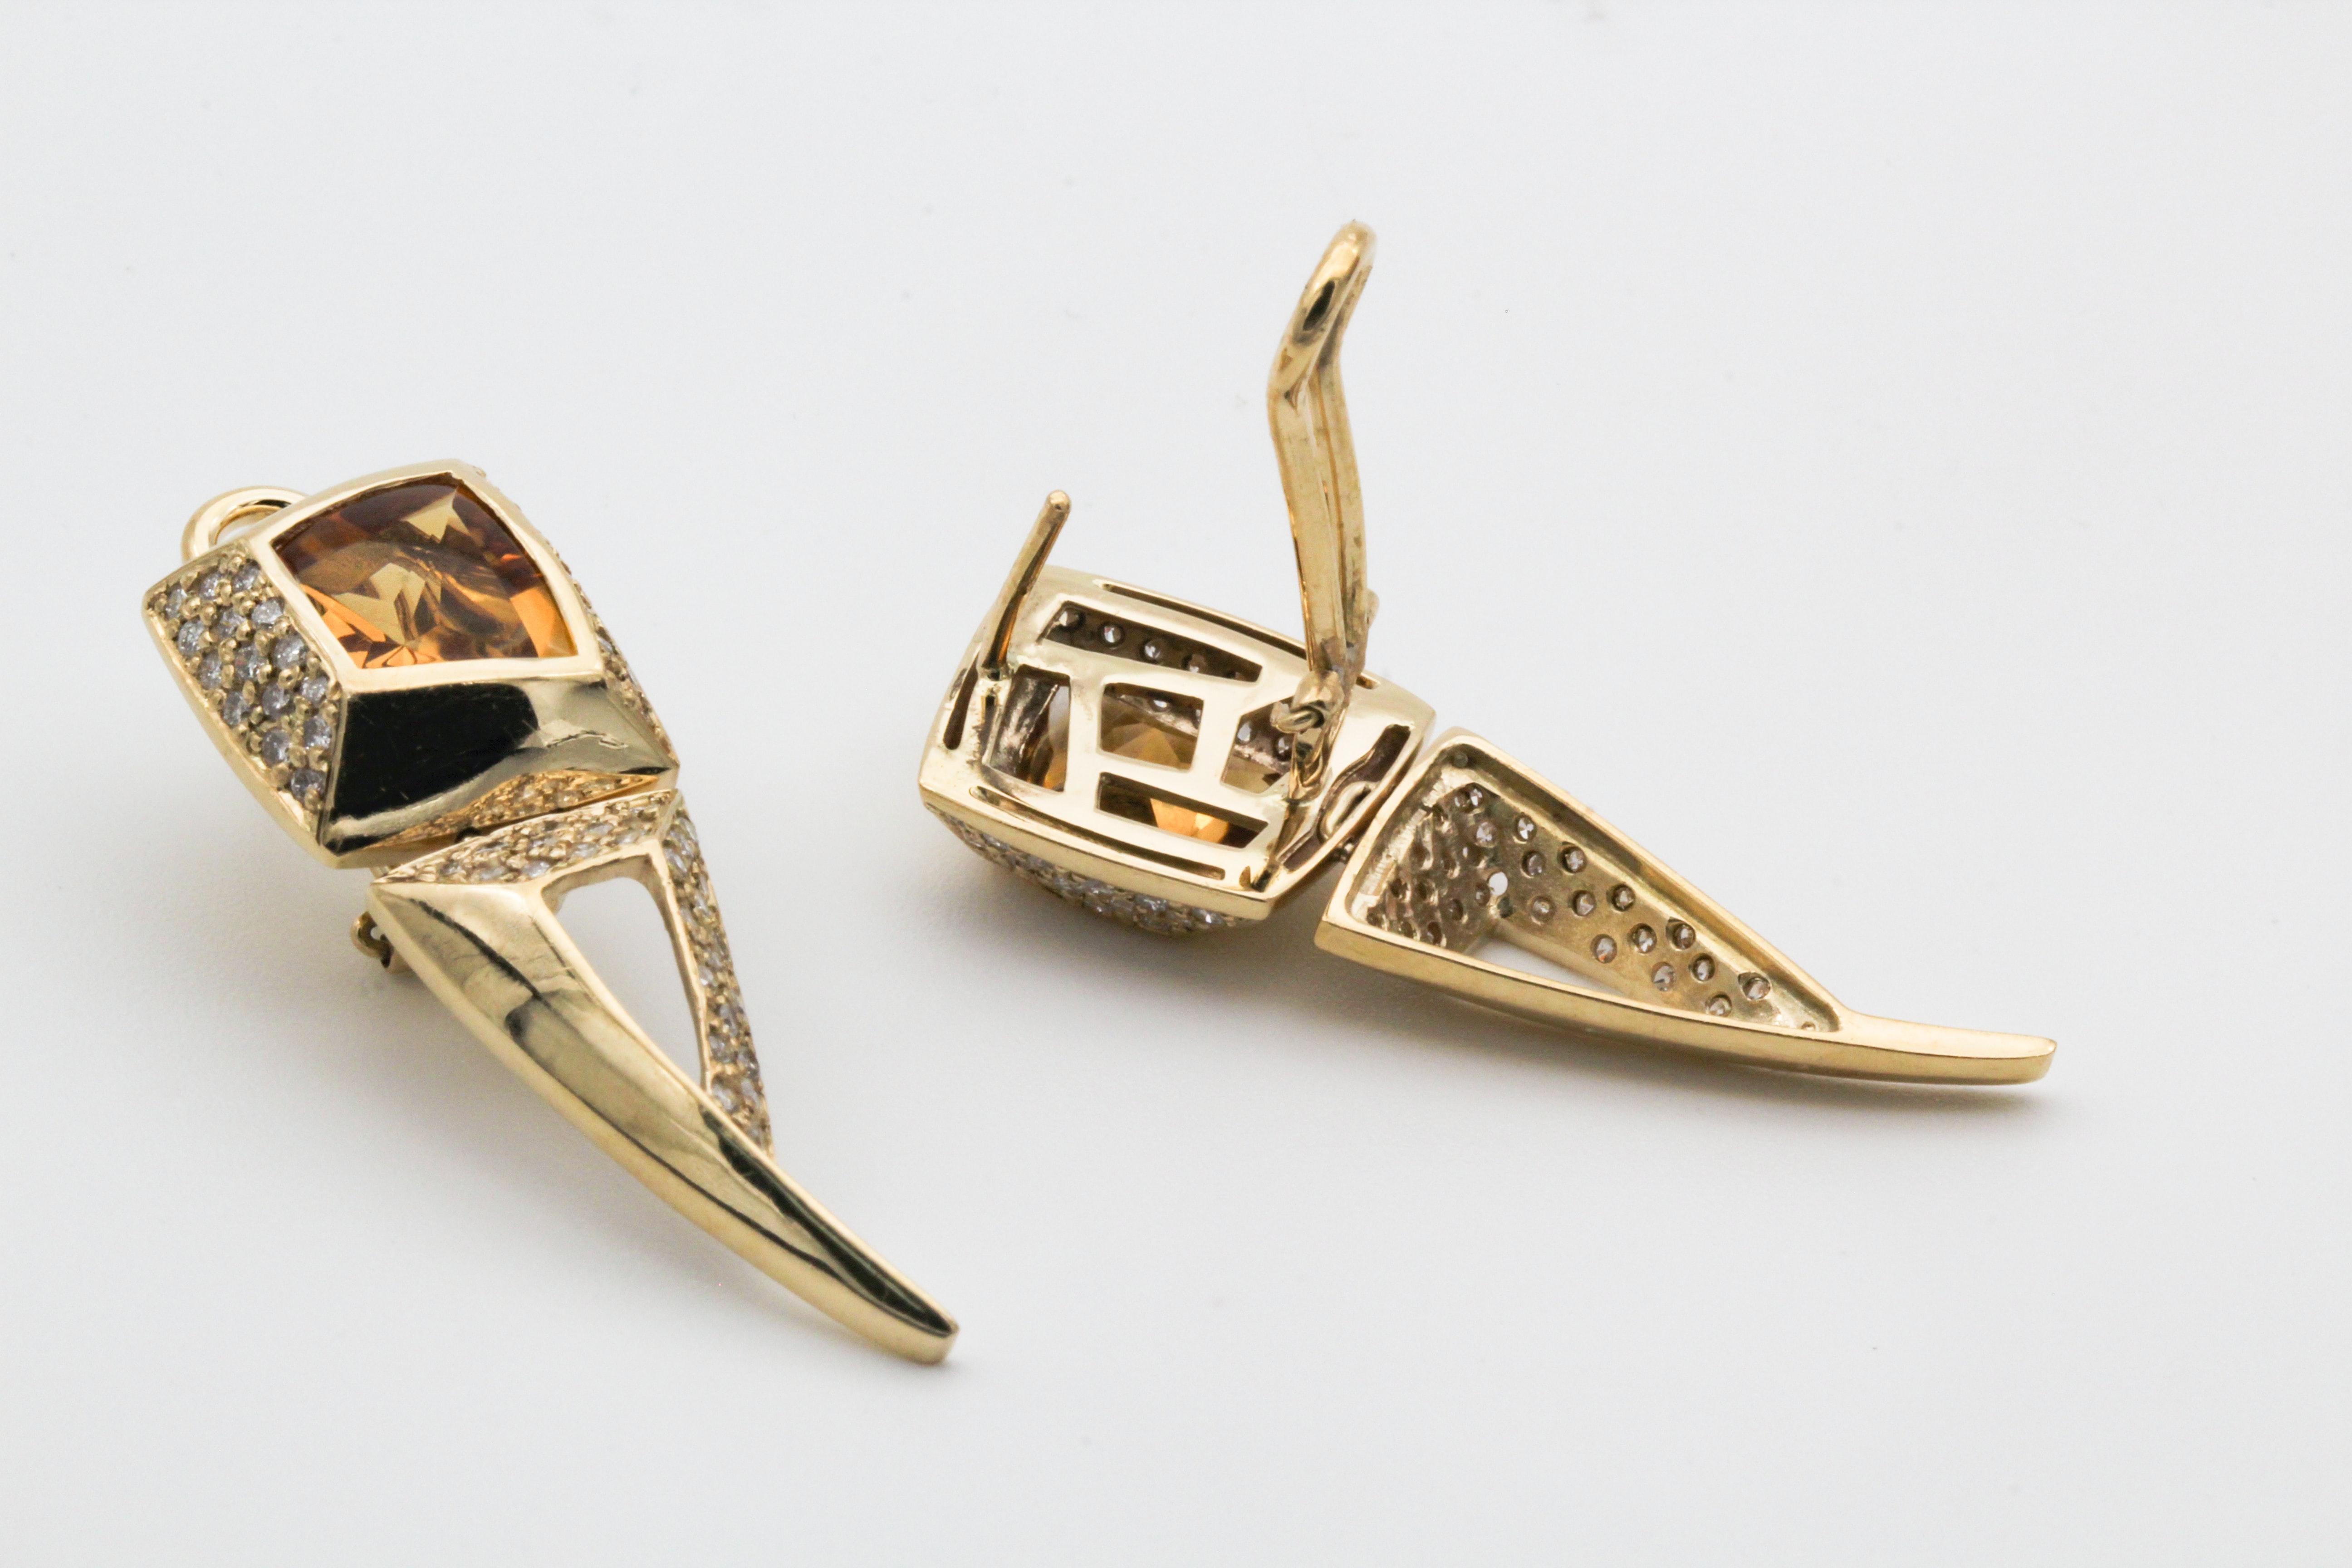 gold earrings new trend in 2020